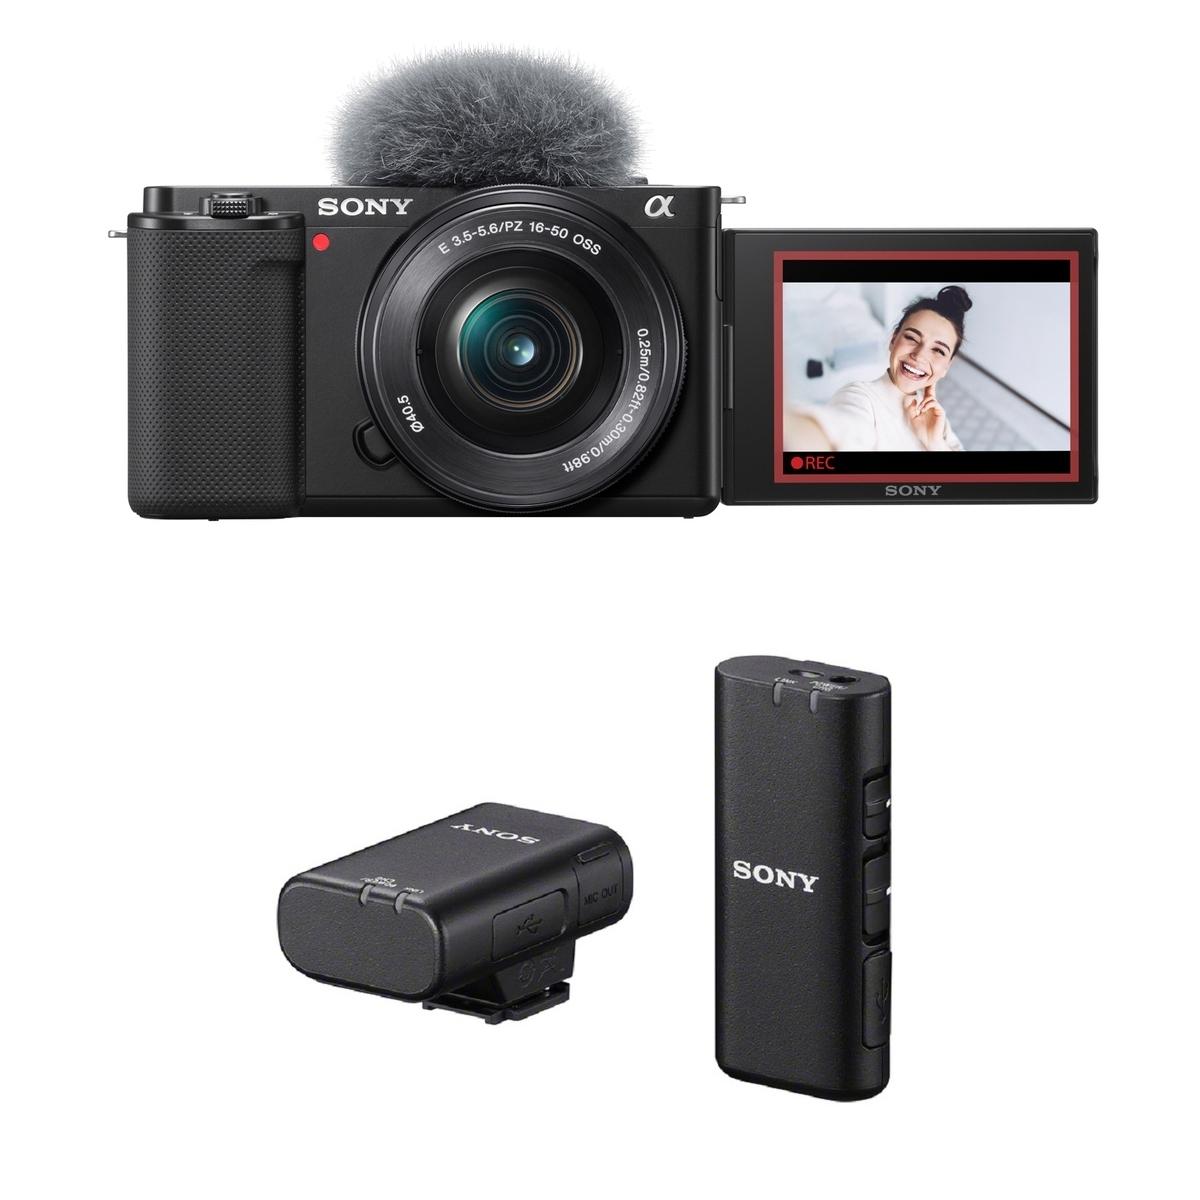 Sony Alpha ZV-E10 schwarz inkl. Sony E PZ 16-50mm 1:3,5-5,6 OSS + Sony SEL 10-18MM 1:4,0 OSS + Sony ECM-W2BT Mikrofon